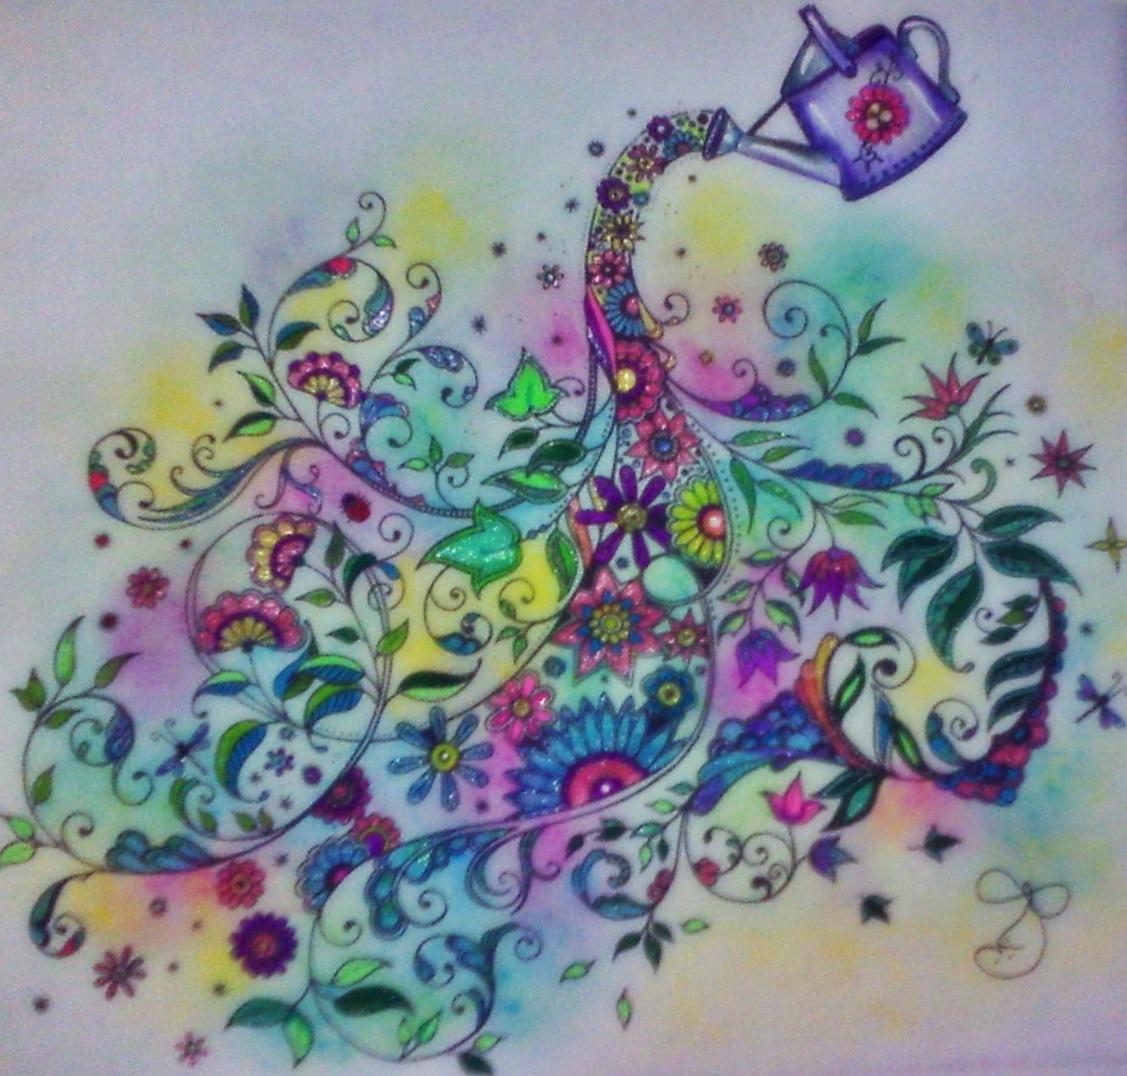 imagens para colorir jardim - Desenhos para Colorir além do Jardim Secreto The